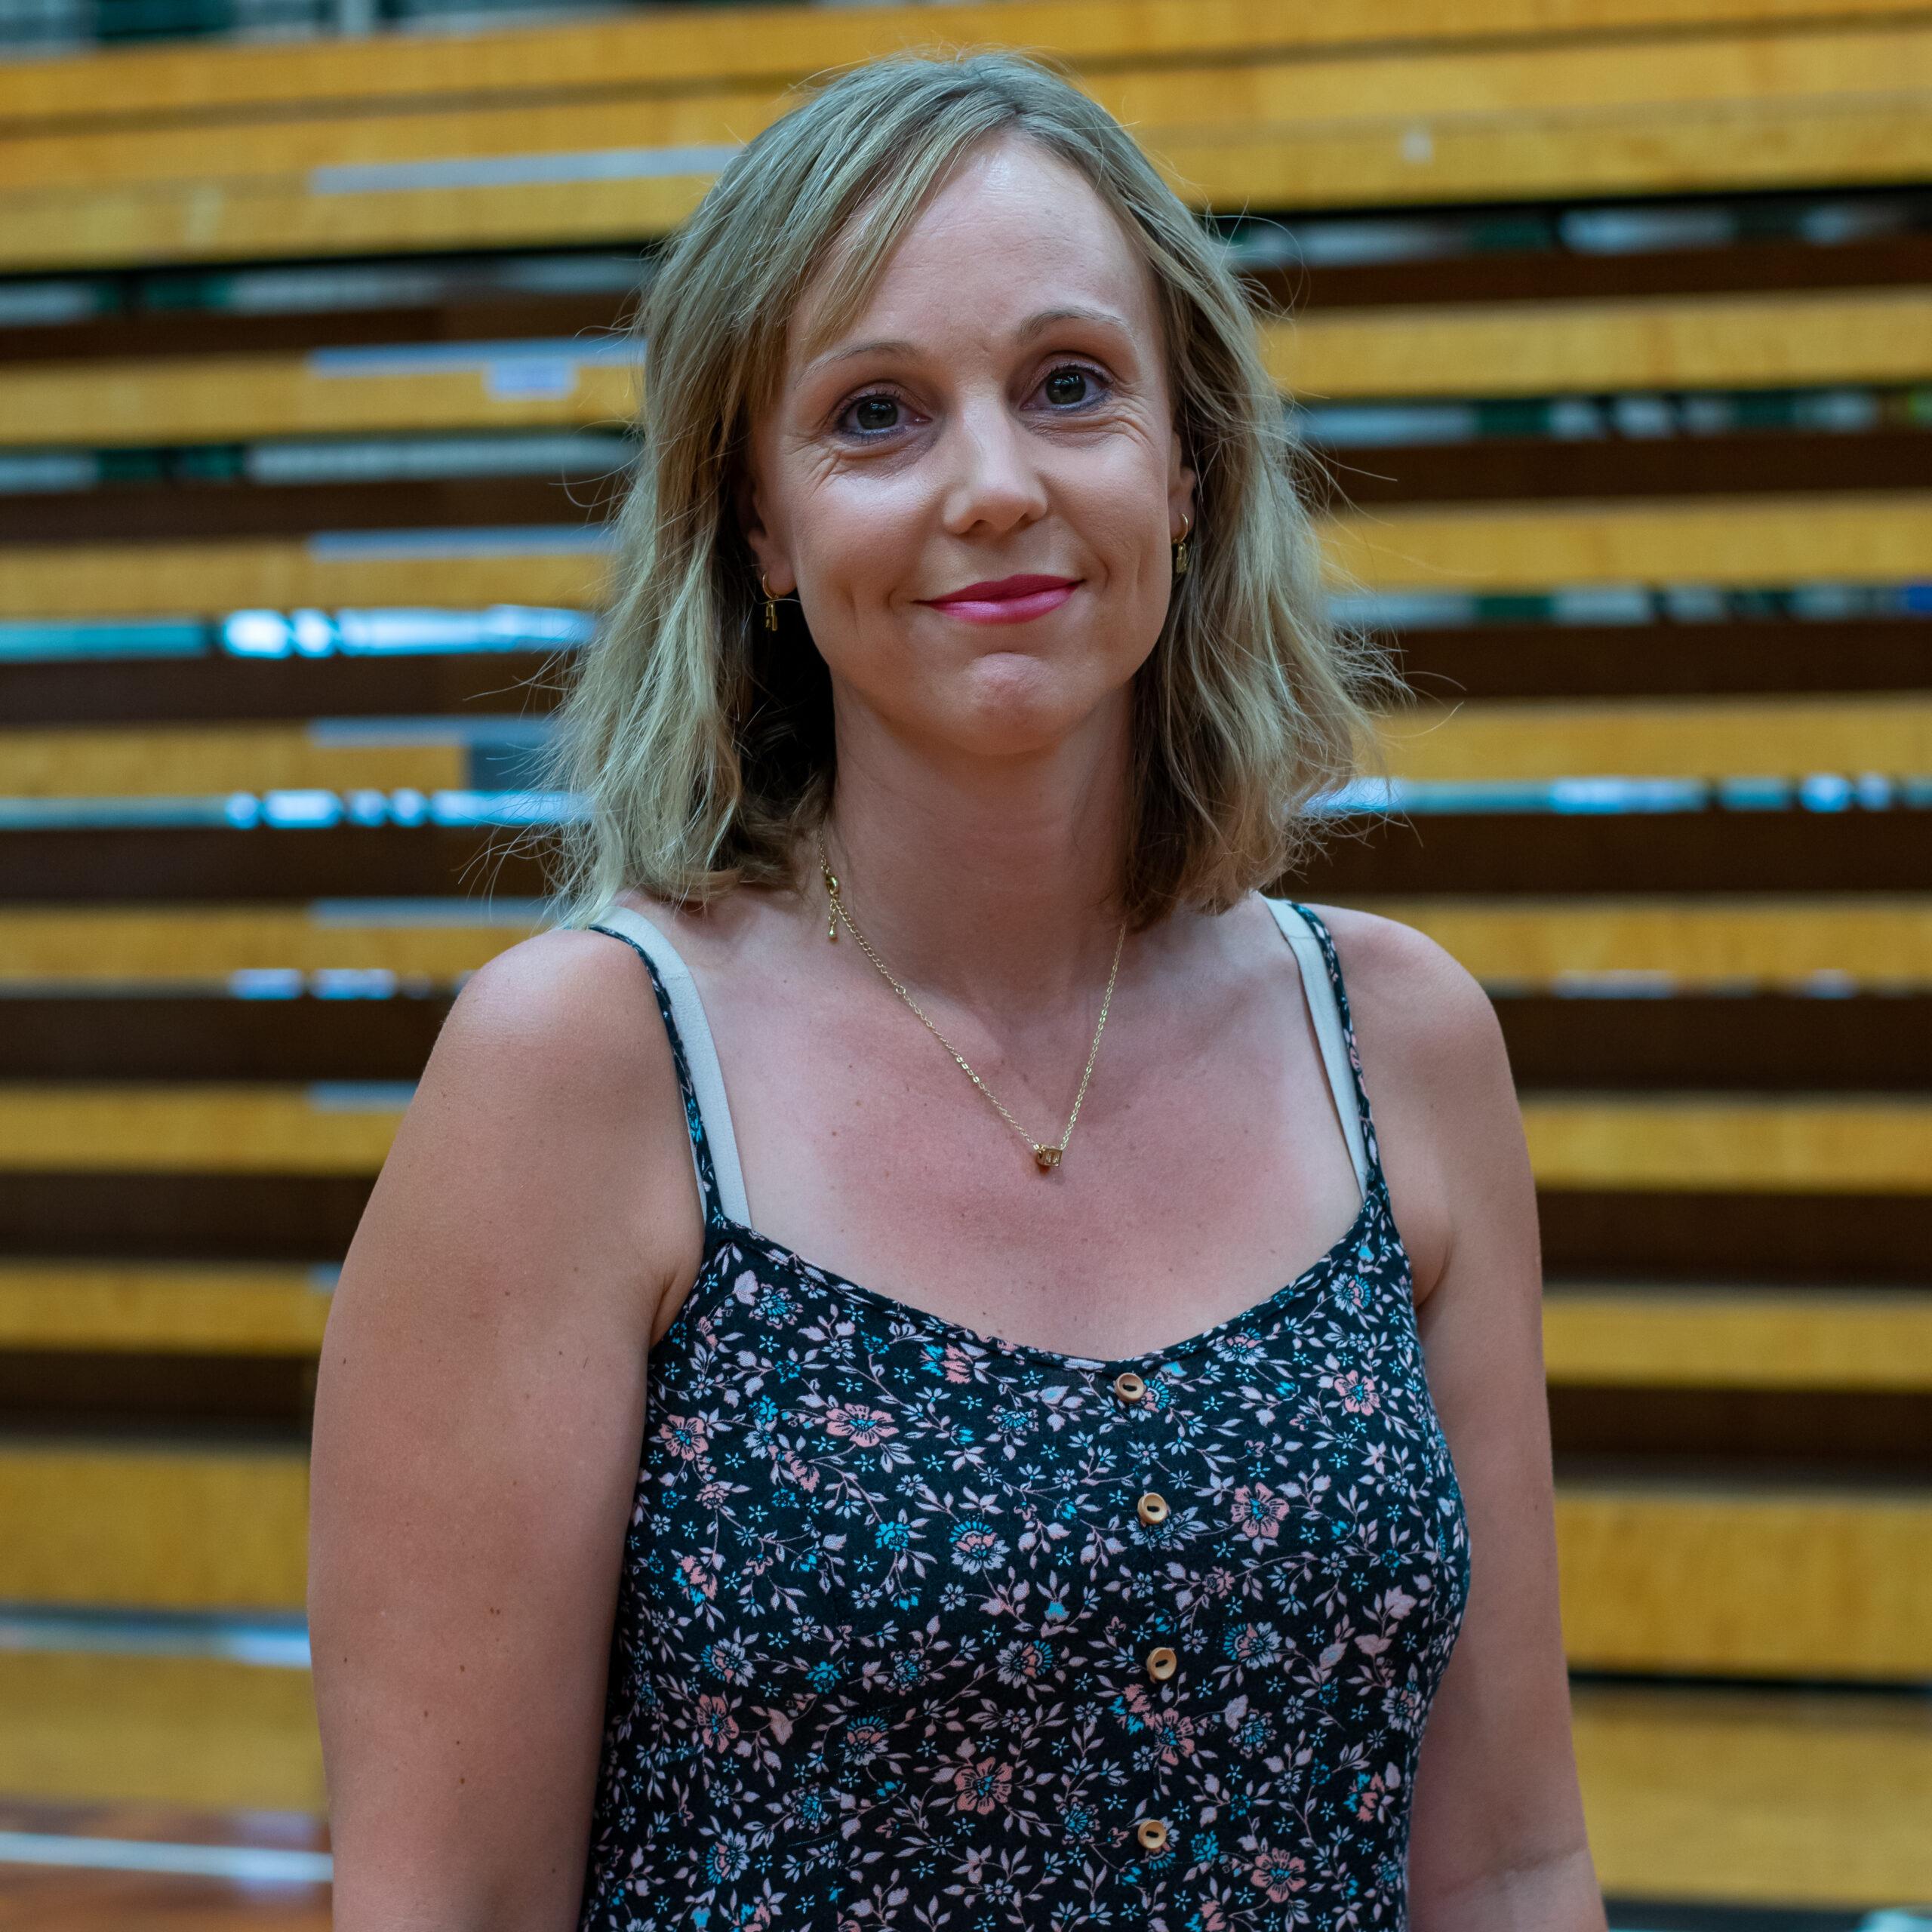 Natasha Linfield